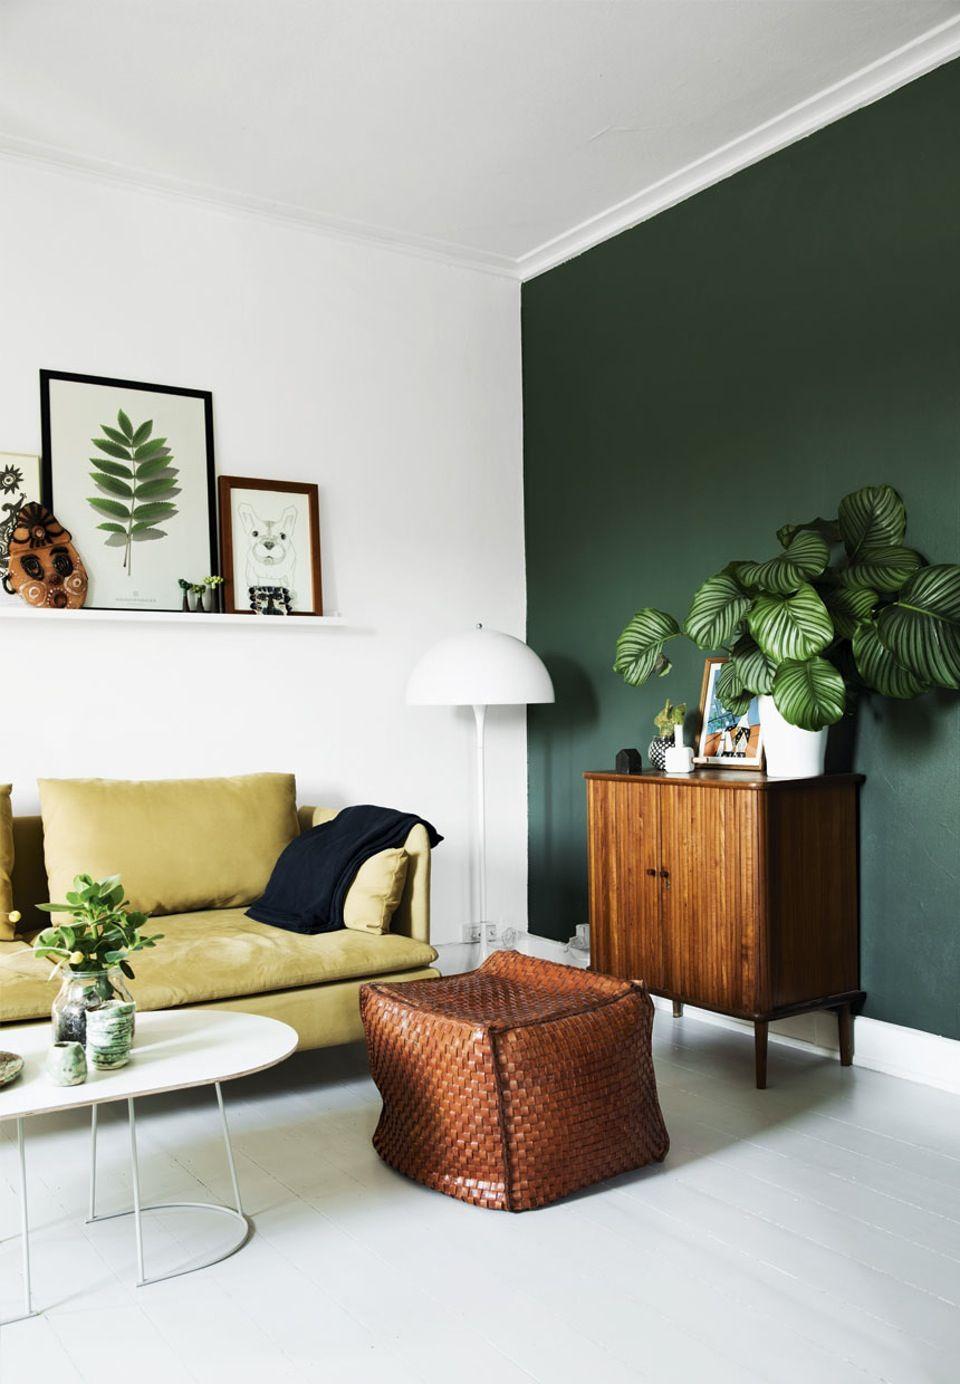 Inspiration dco  Le fil vert  Vert  Murs vert fonc Decoration salon og Canap jaune moutarde